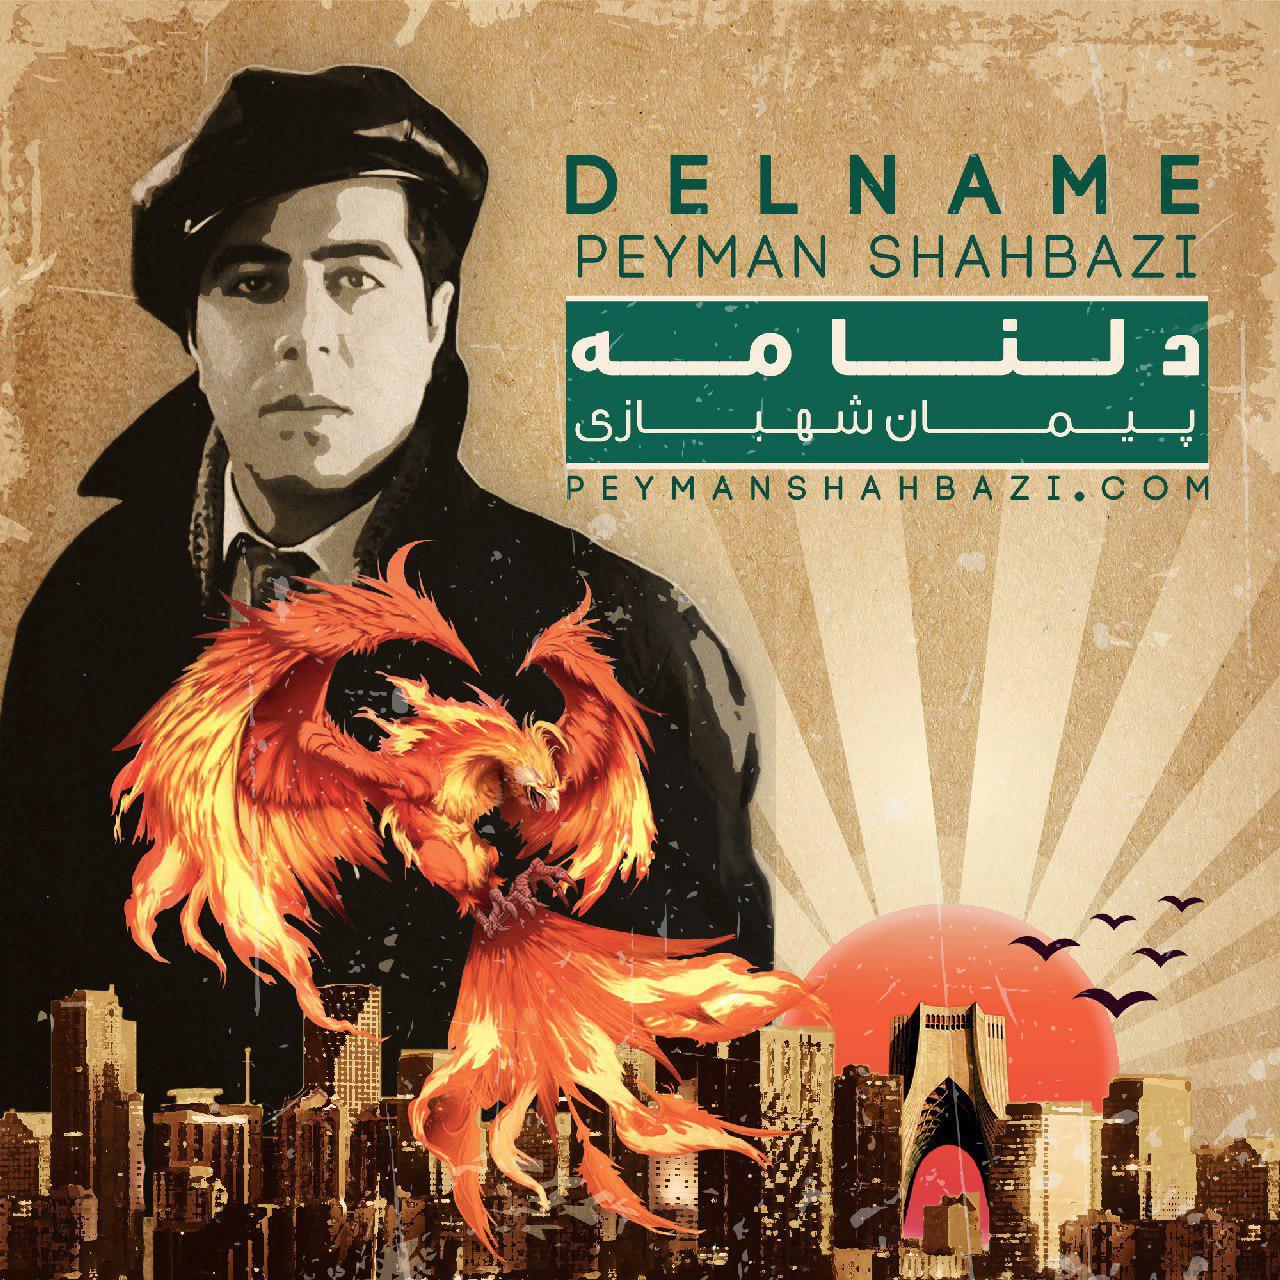 Peyman Shahbazi – Delname